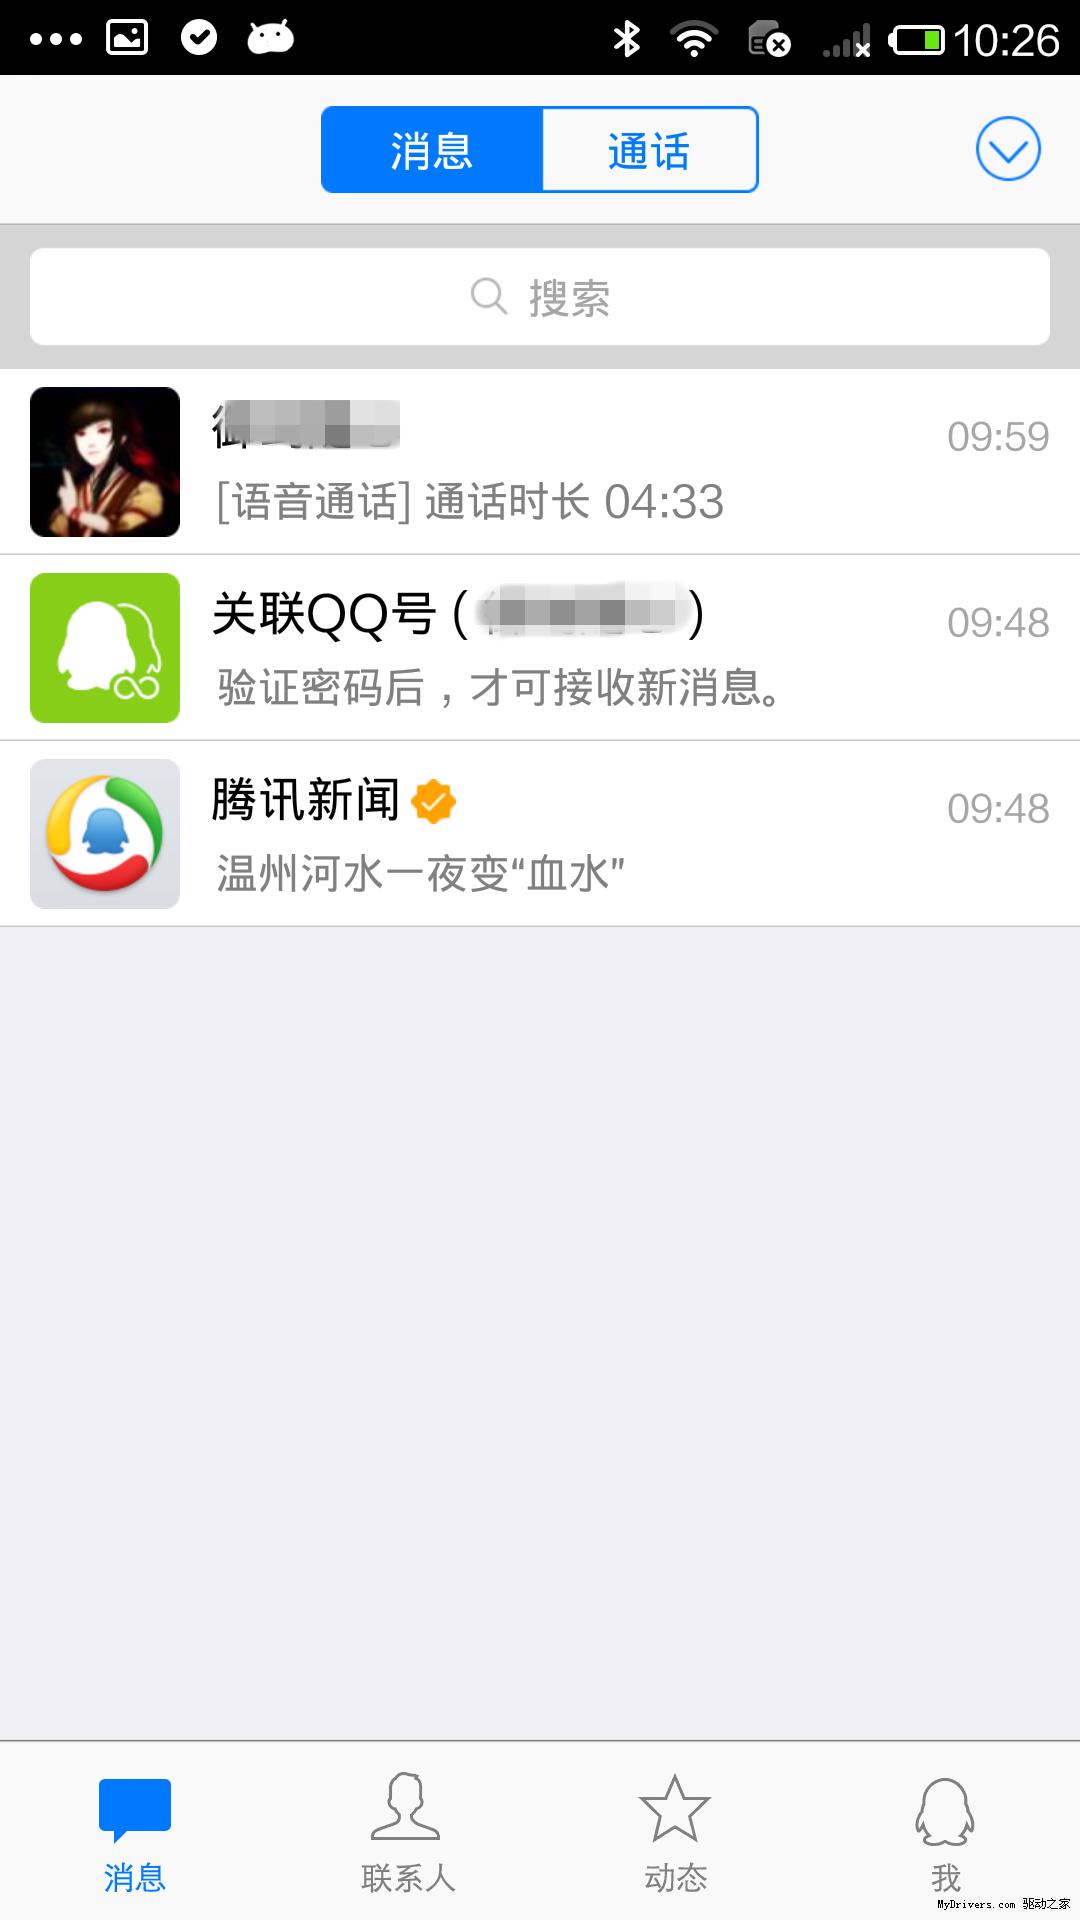 变化忒大了!android版手机qq